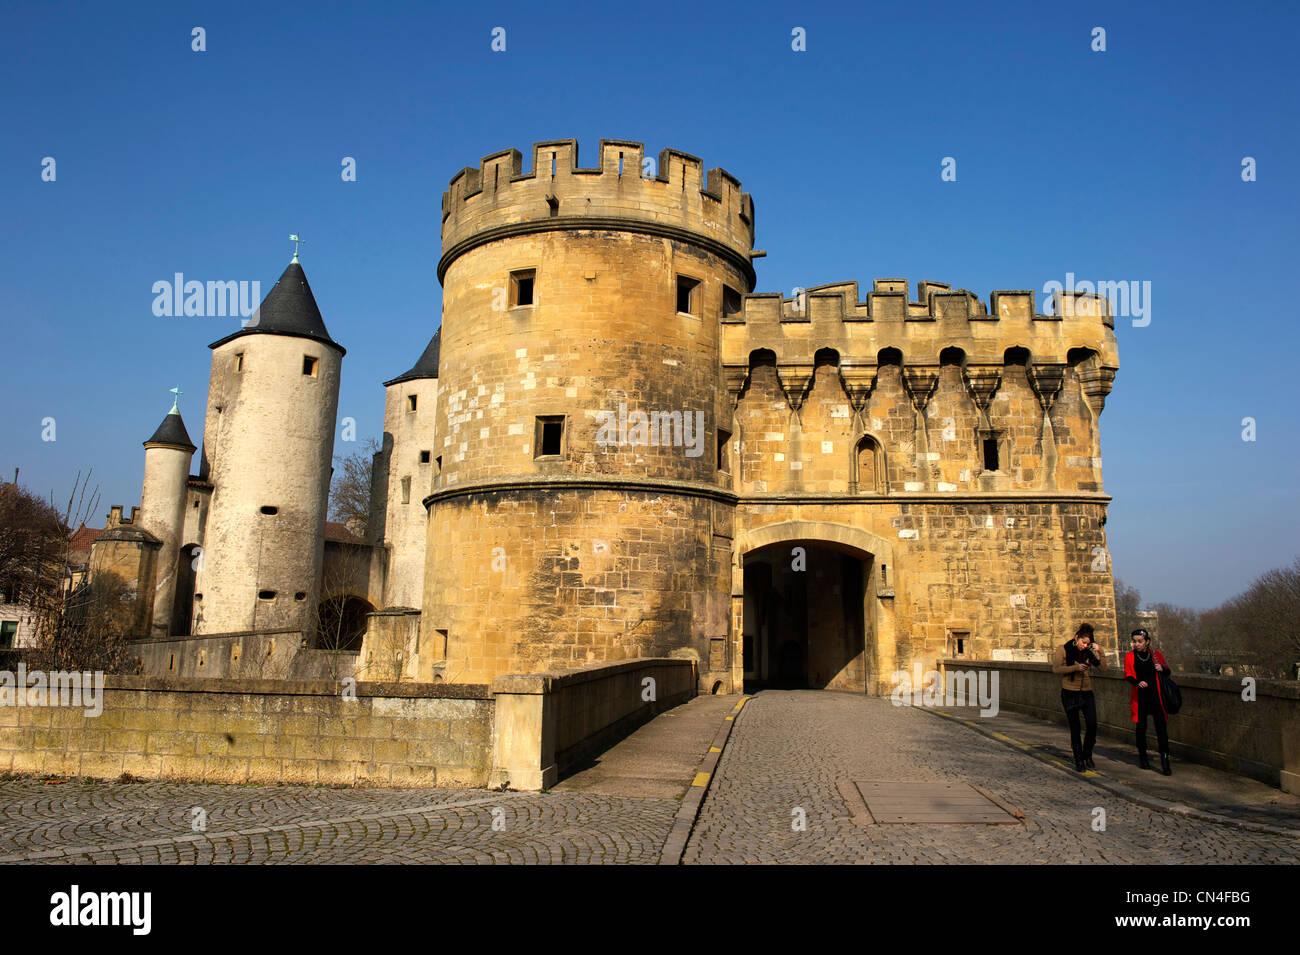 Frankreich, Moselle, Metz, die Tür der deutschen ist ein Überbleibsel der mittelalterlichen Stadtmauer Stockbild